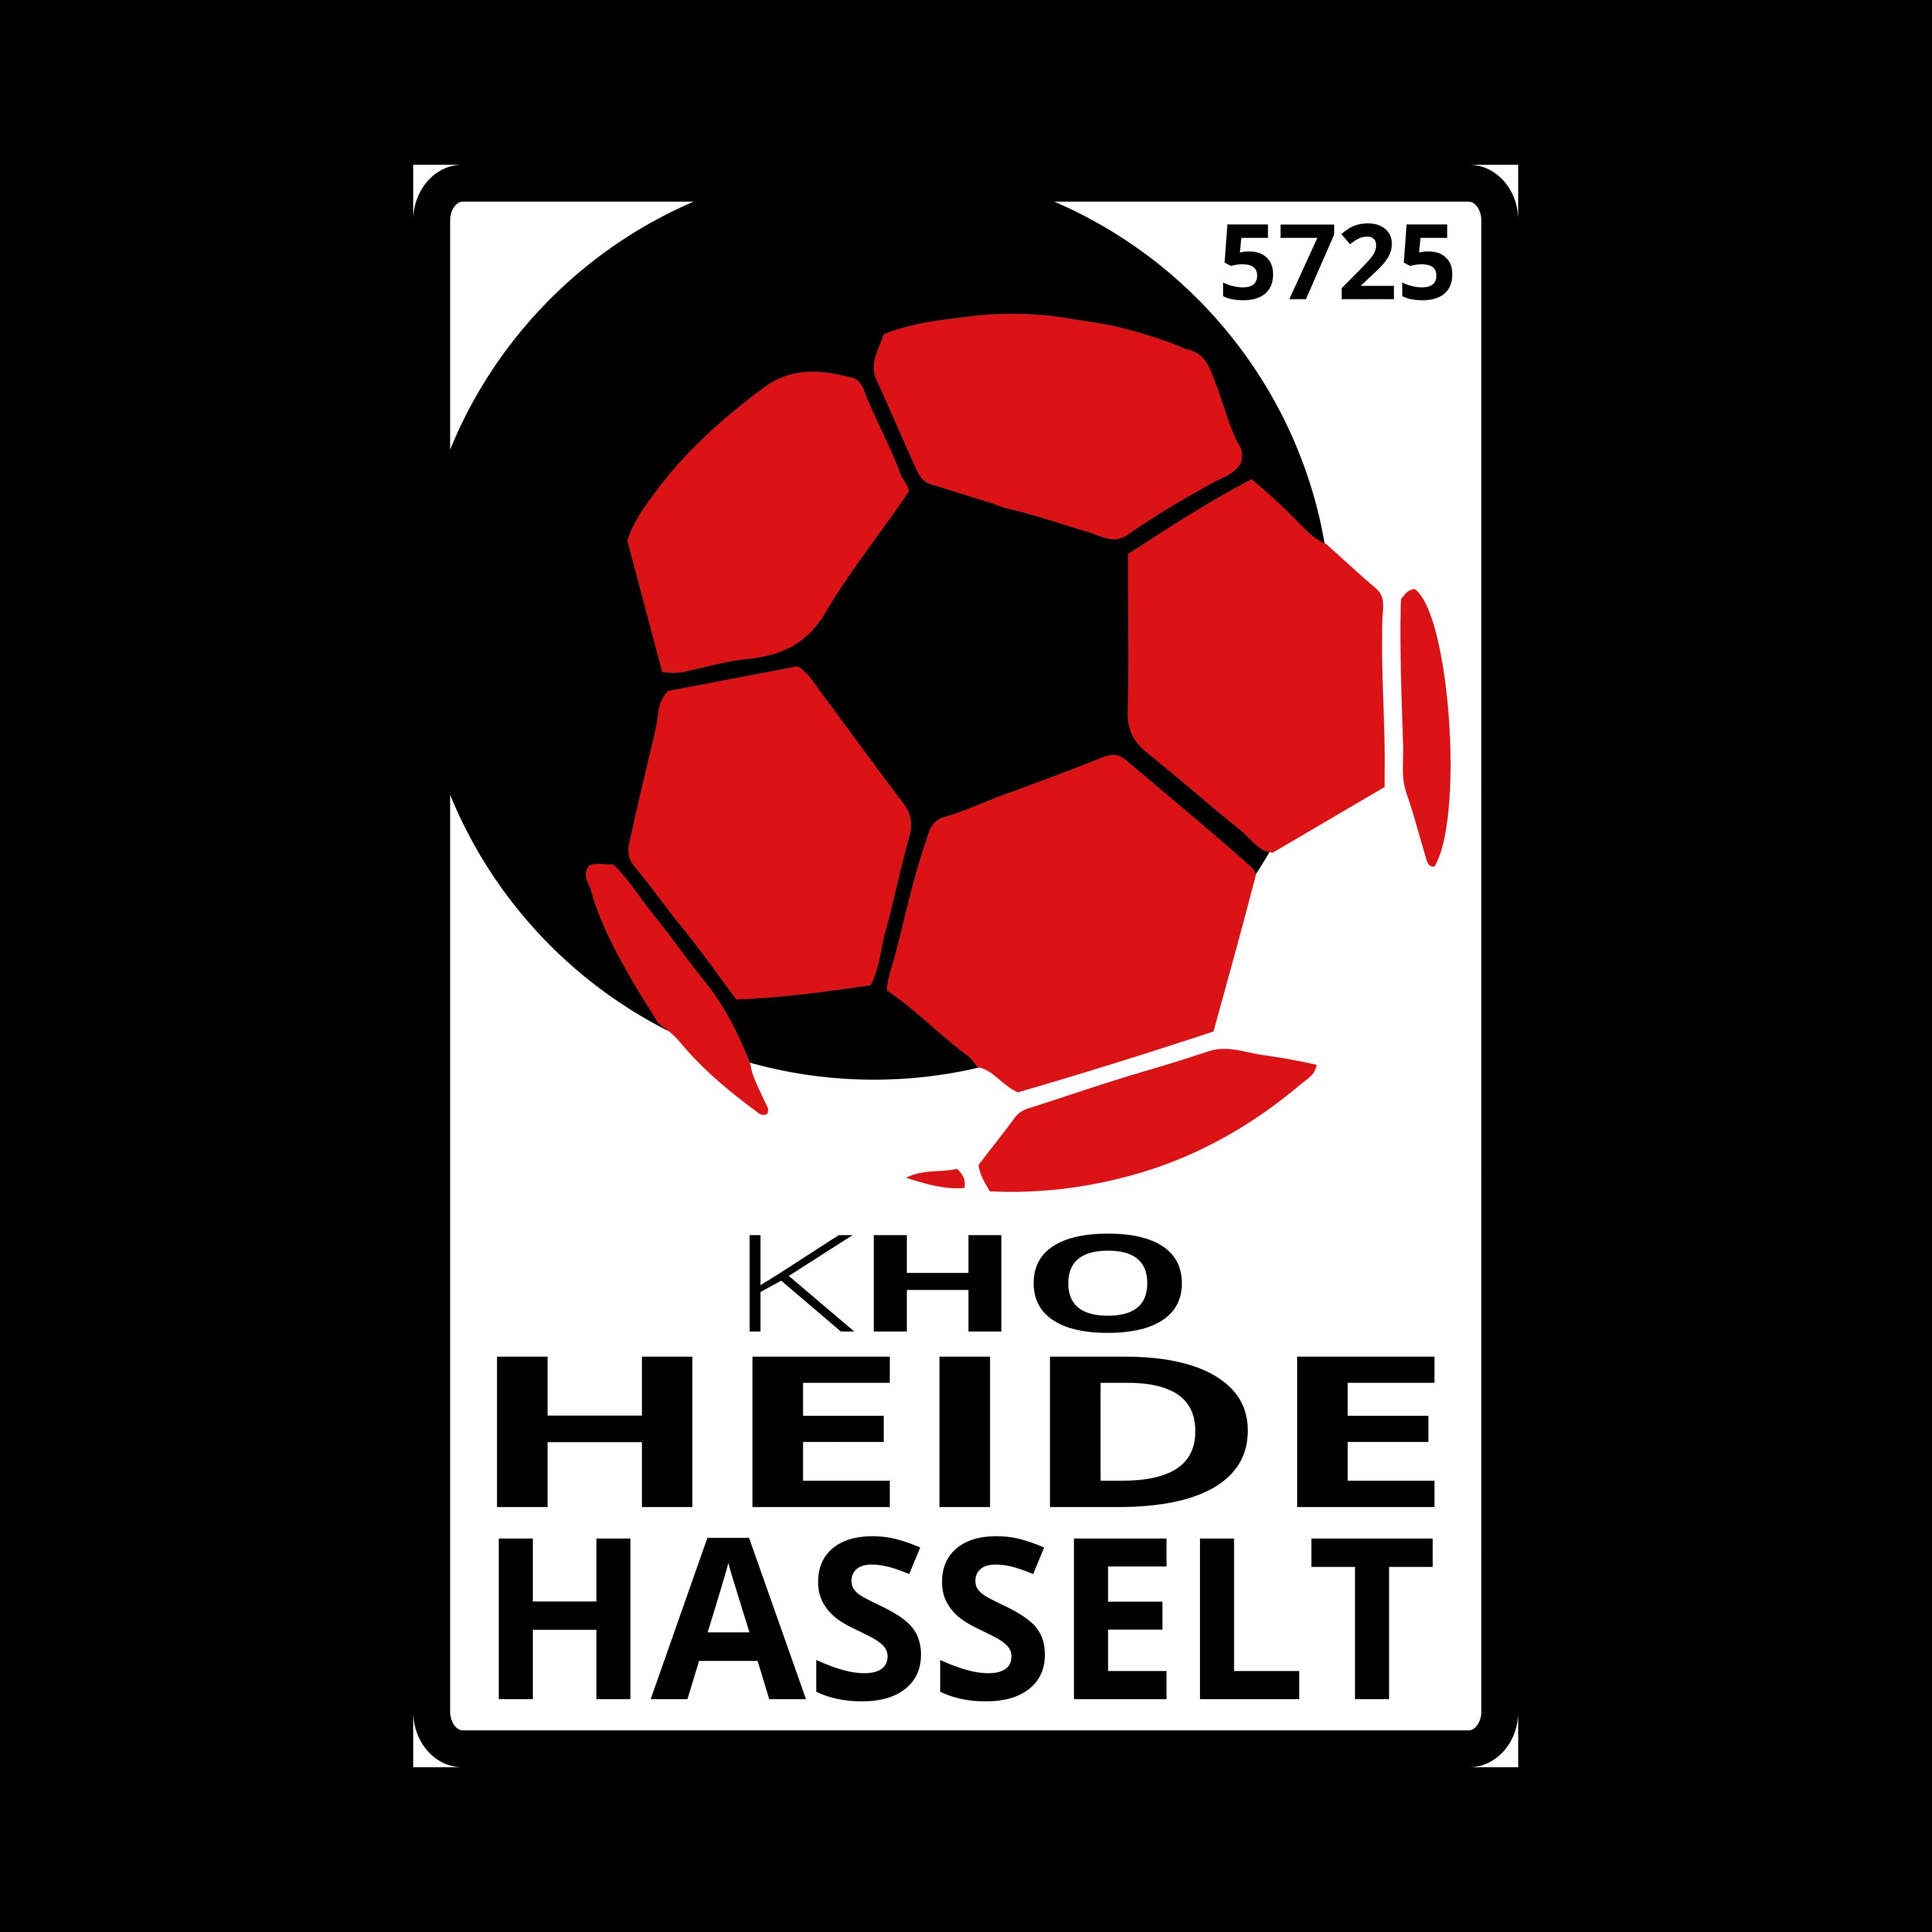 KHO Heide Hasselt